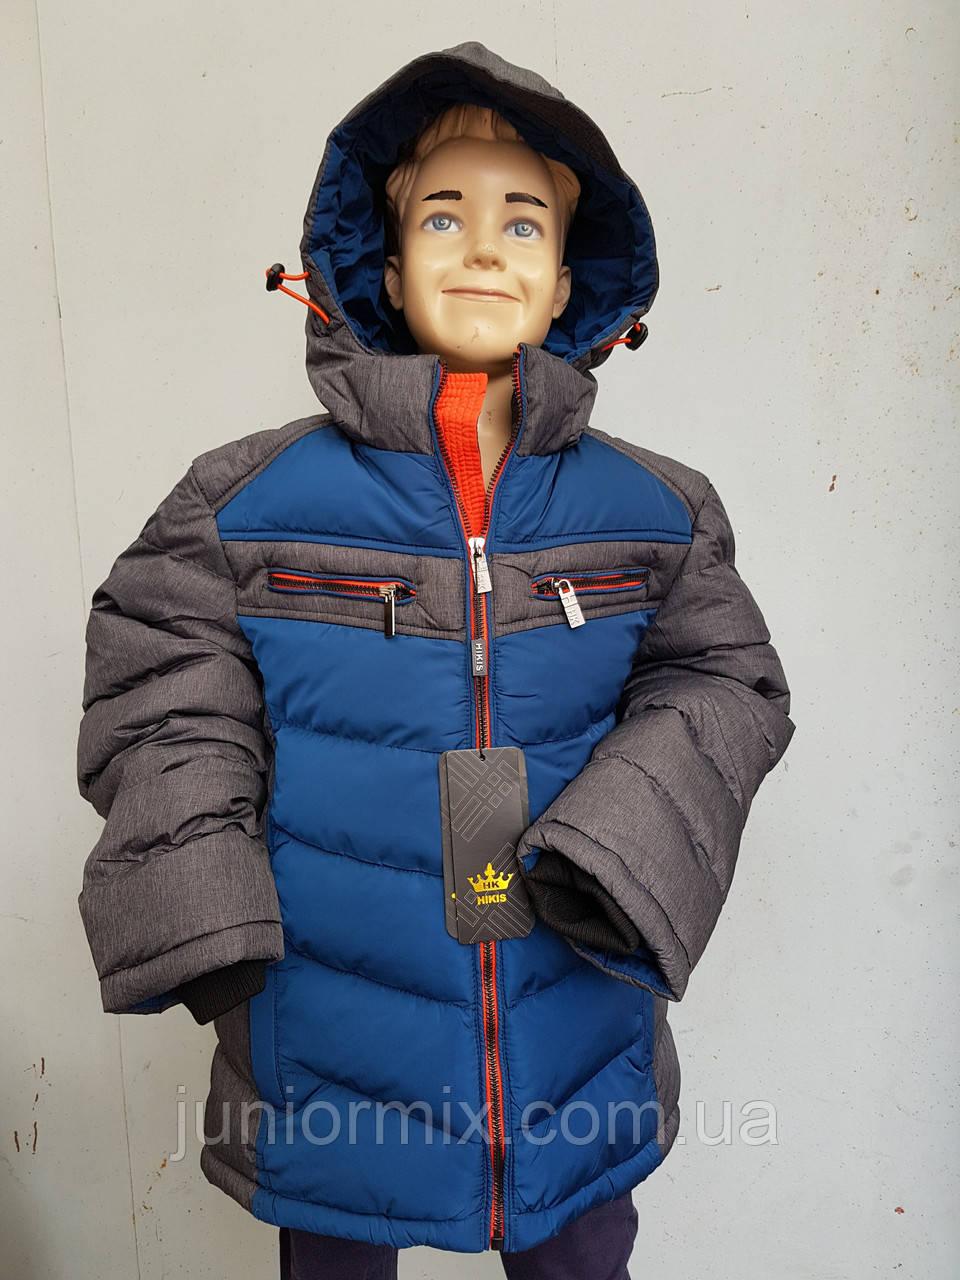 Куртка зимняя на мальчика подросток HIKIS с косыми полосами